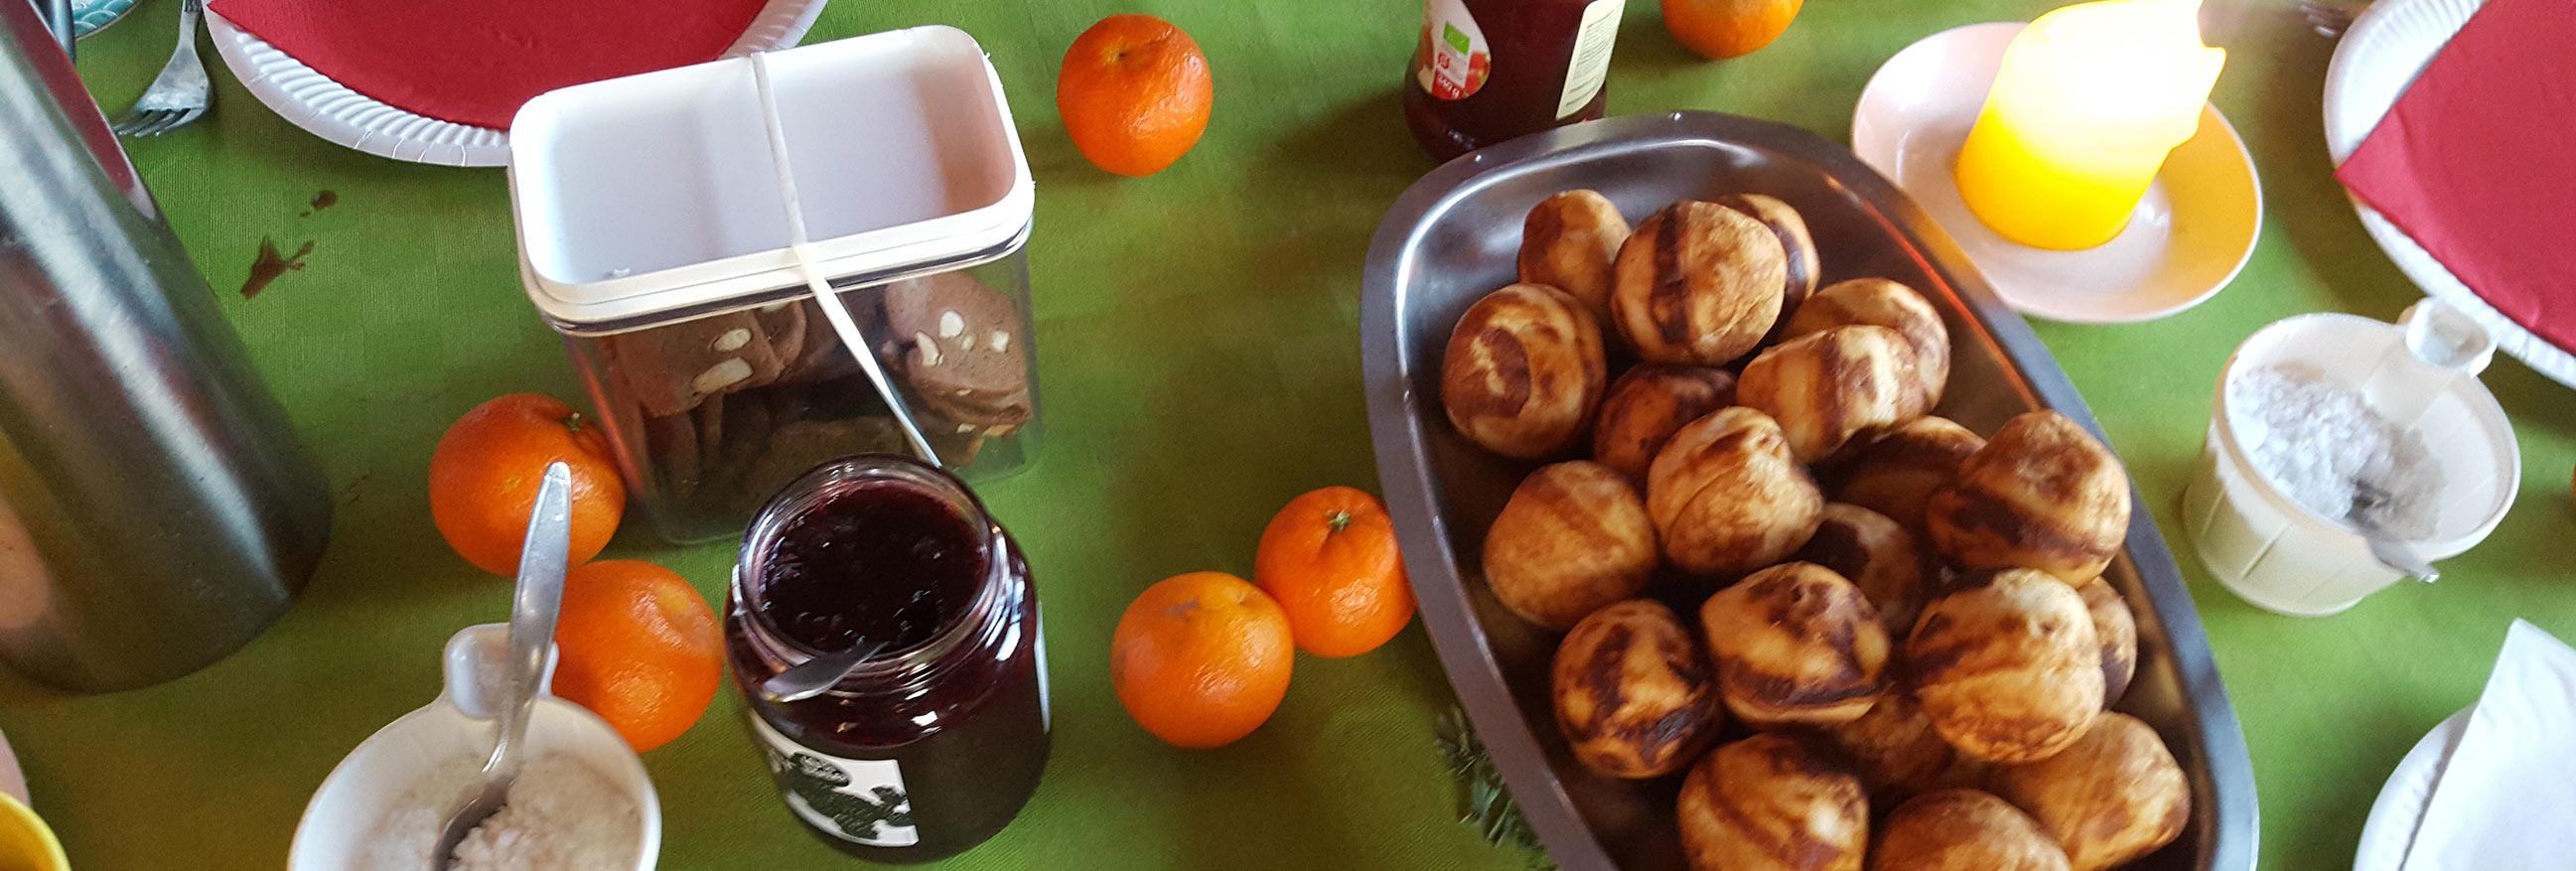 Julehygge med æbleskiver Foto: Bendixen